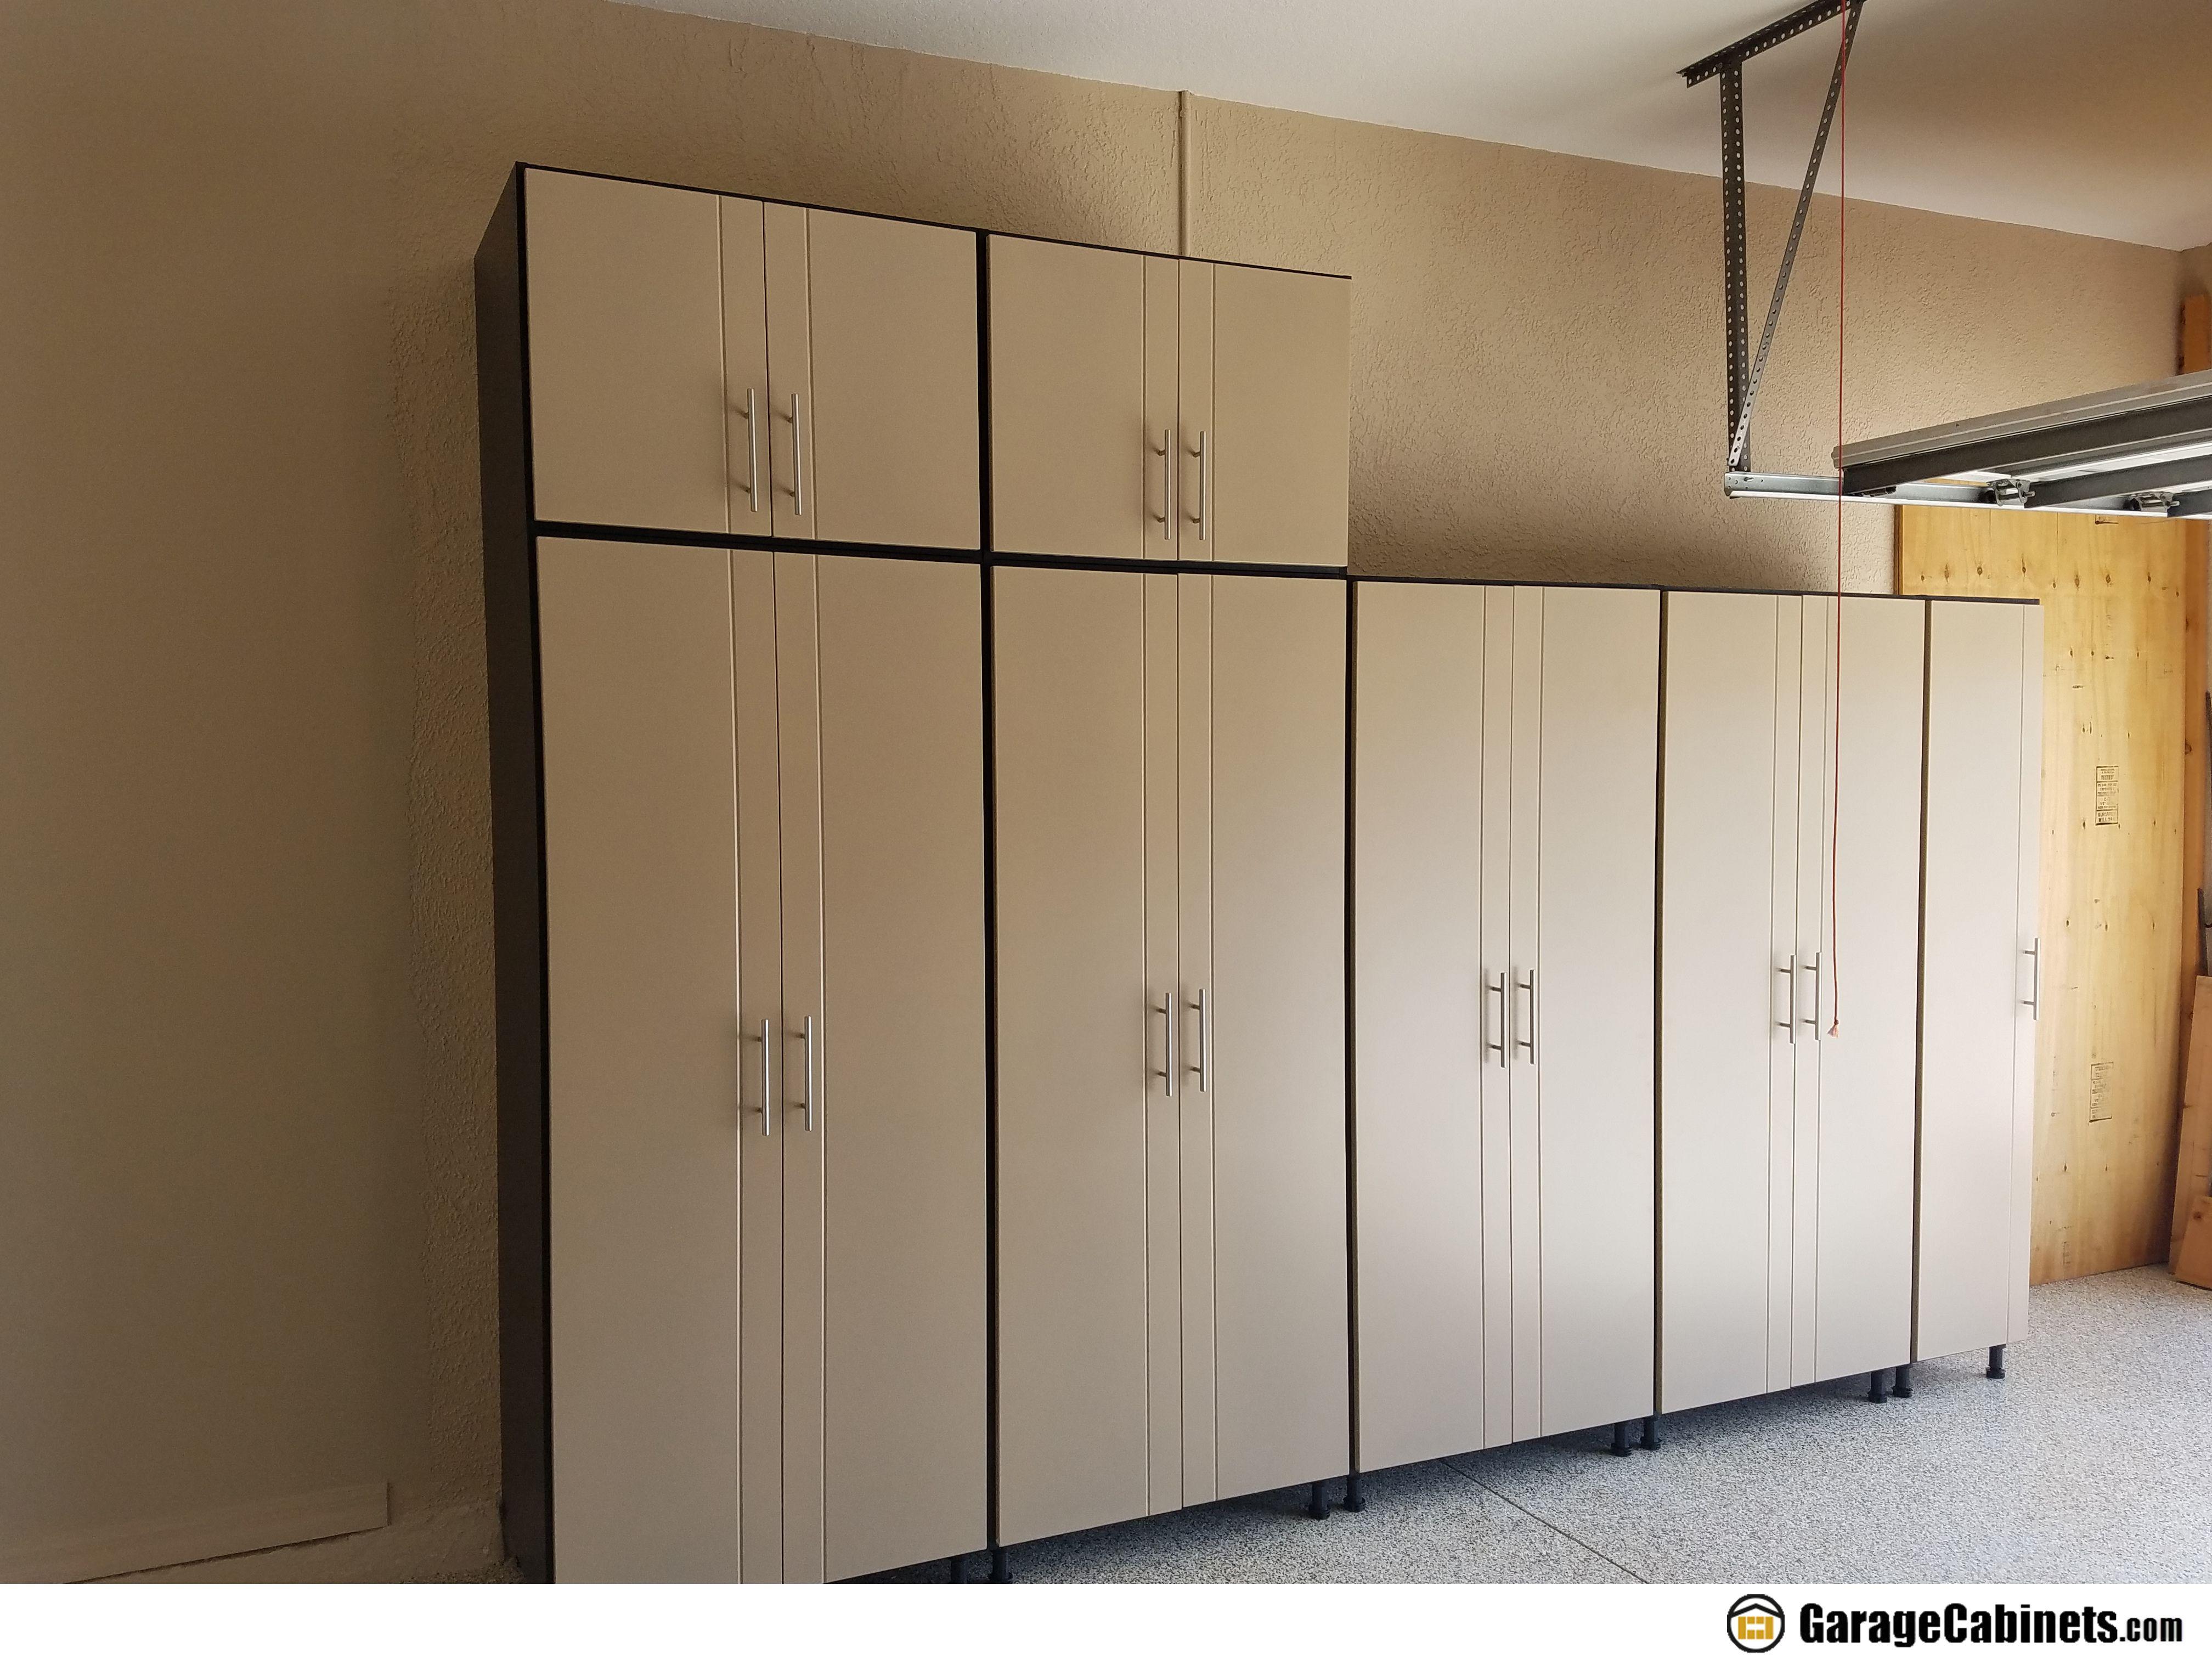 Garage Storage Wall Cabinets Garage Cabinets Diy Garage Storage